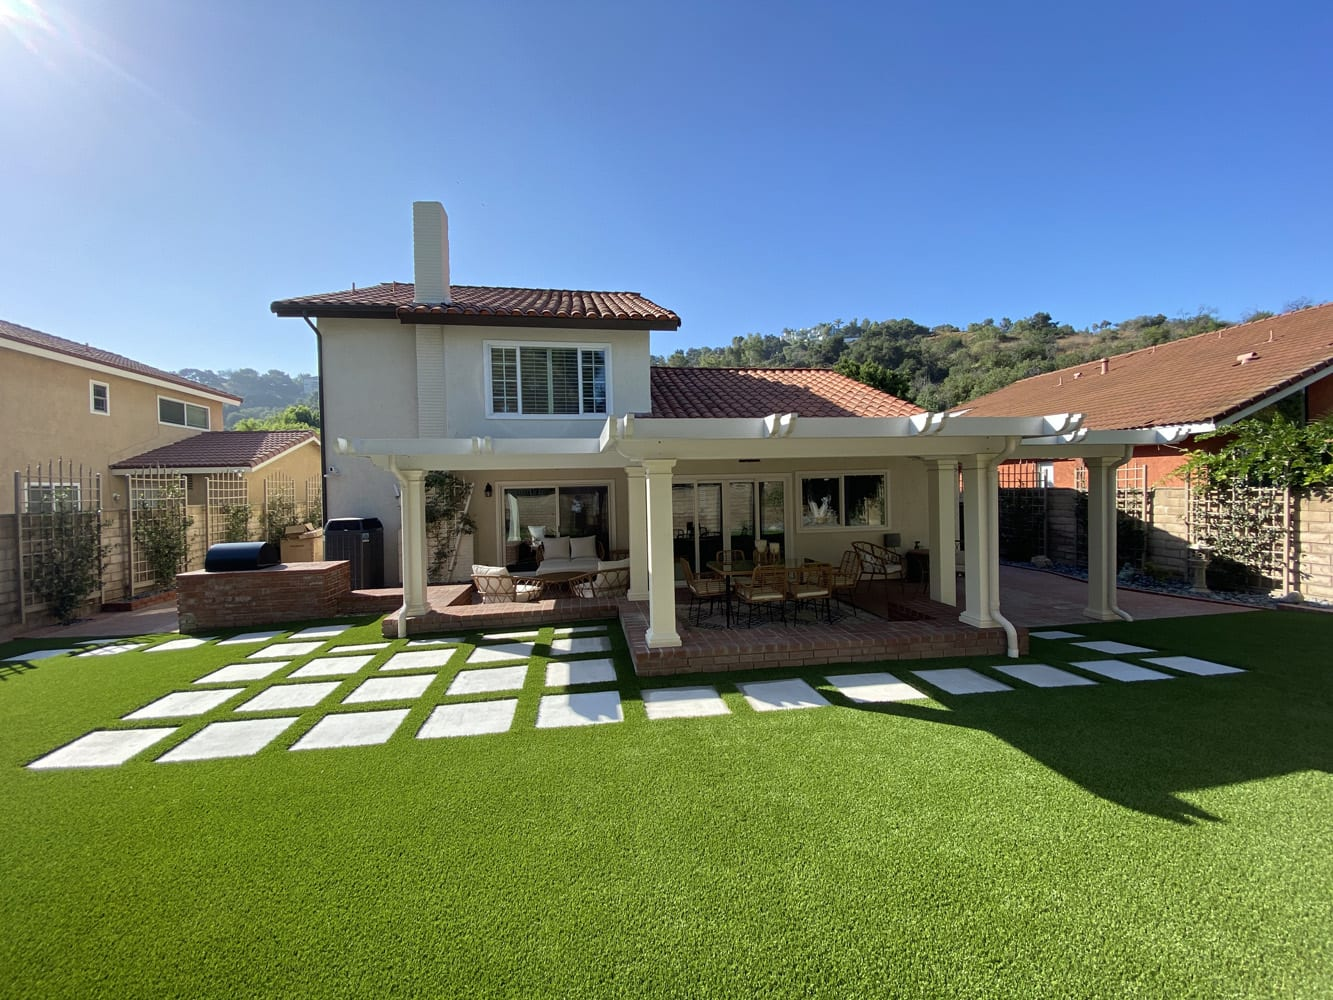 Residential Artificial Grass Installer